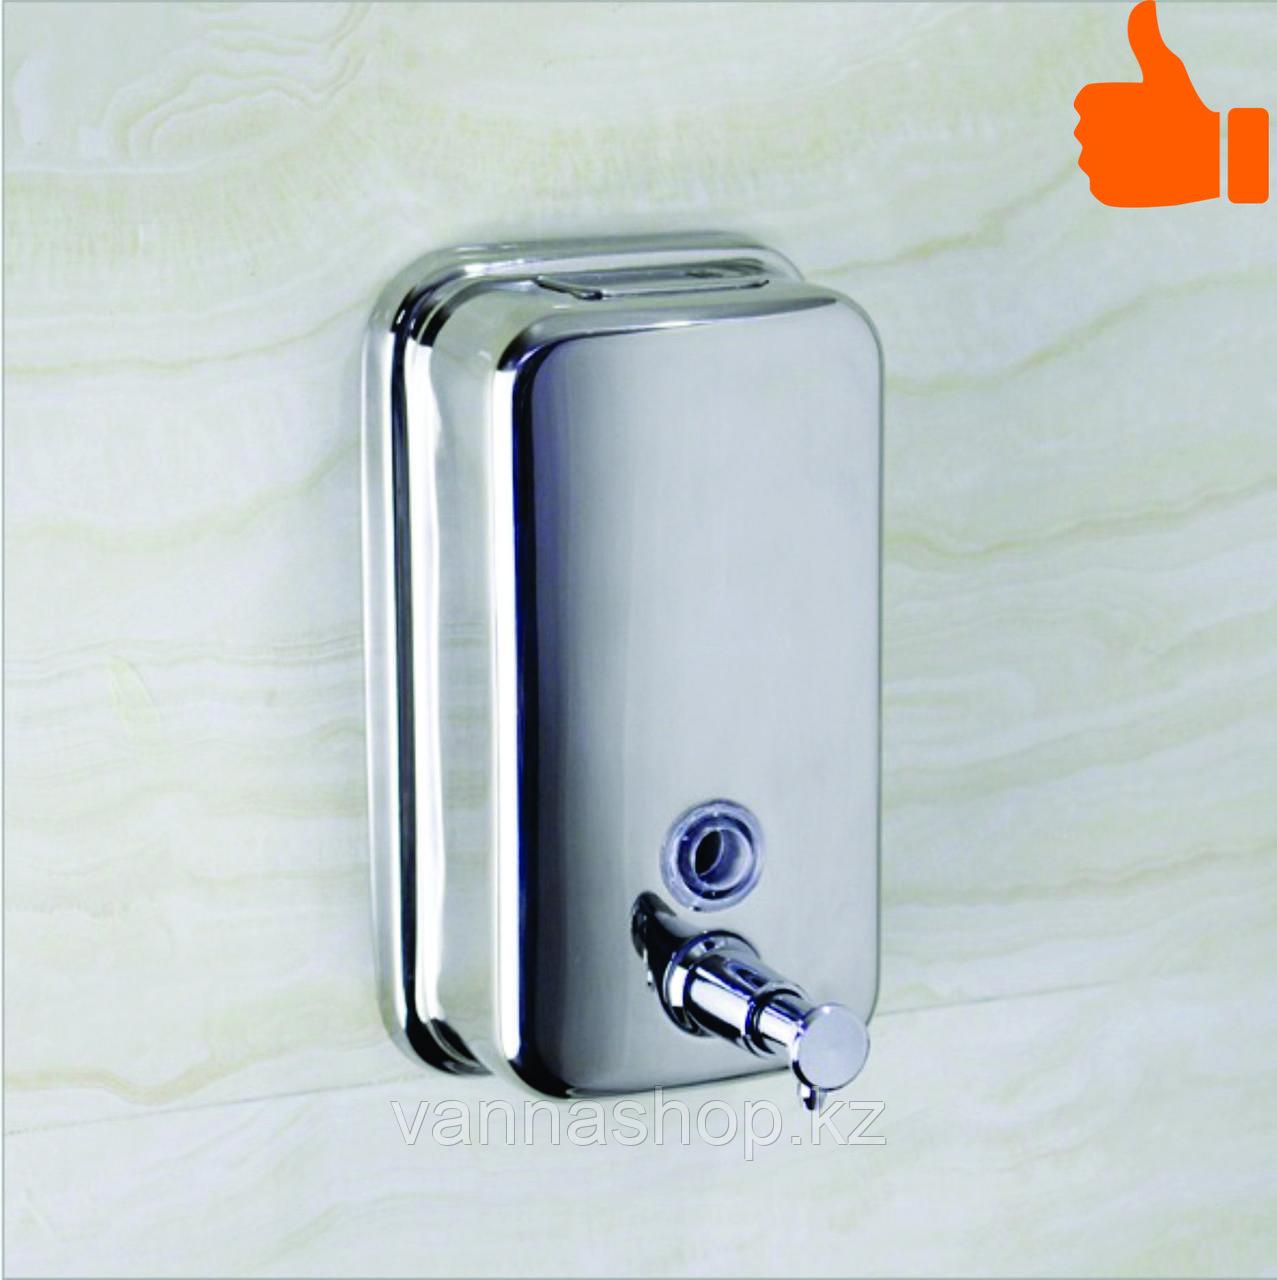 Дозатор (диспенсер) для жидкого мыла 1000 мл хром